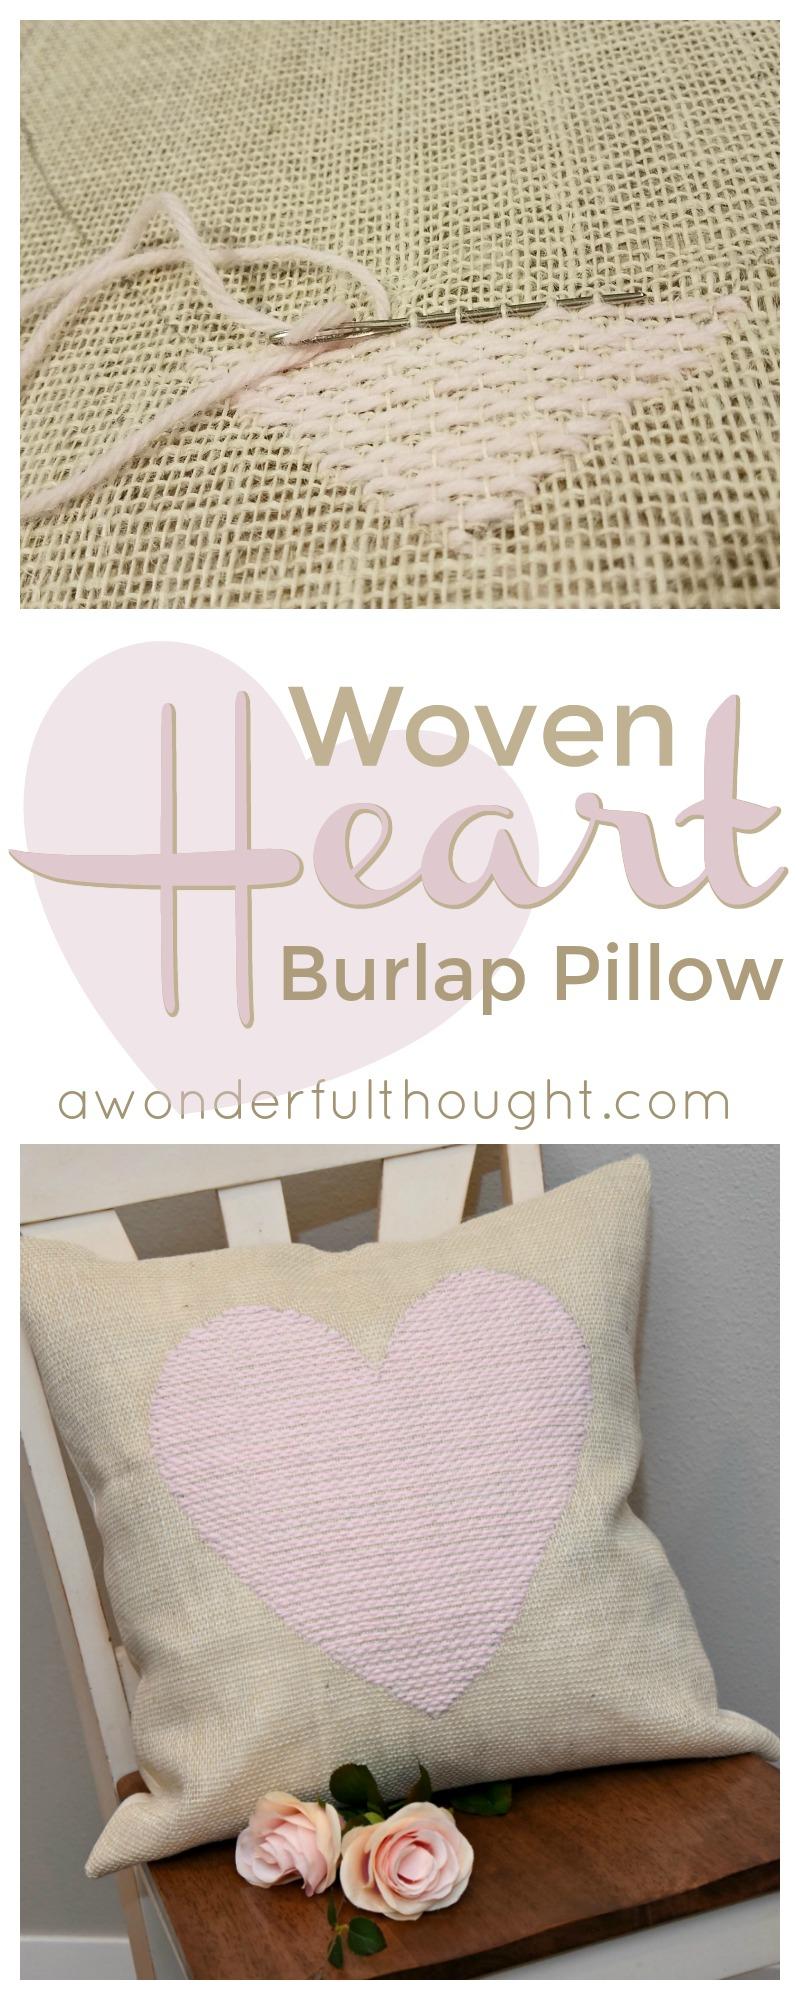 bear bedding burlap pillow black forest vintage rustic decor